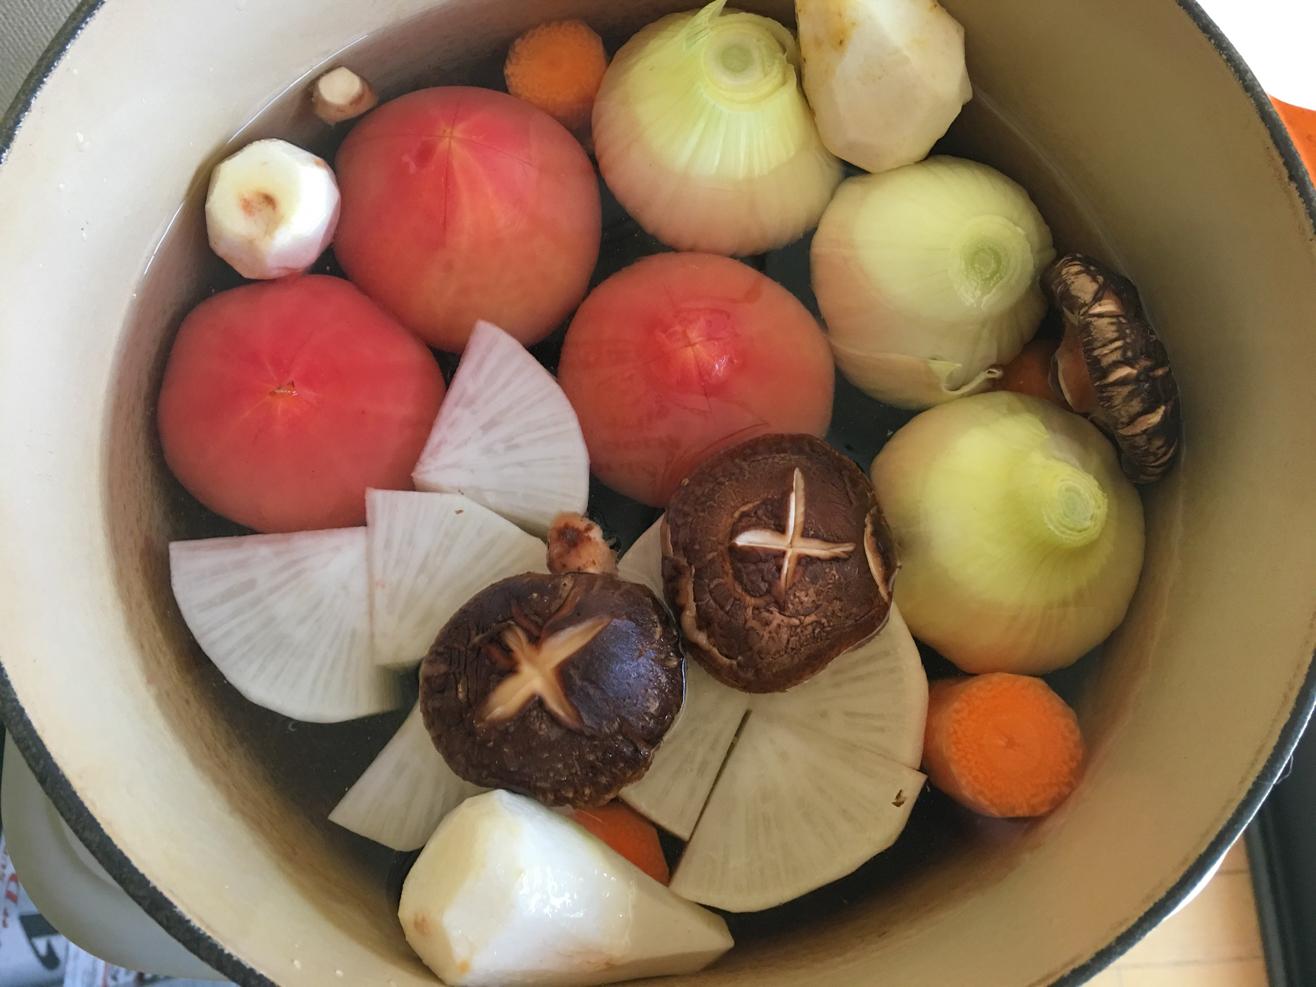 トマト入りのおでんの具の野菜を鍋に入れた写真